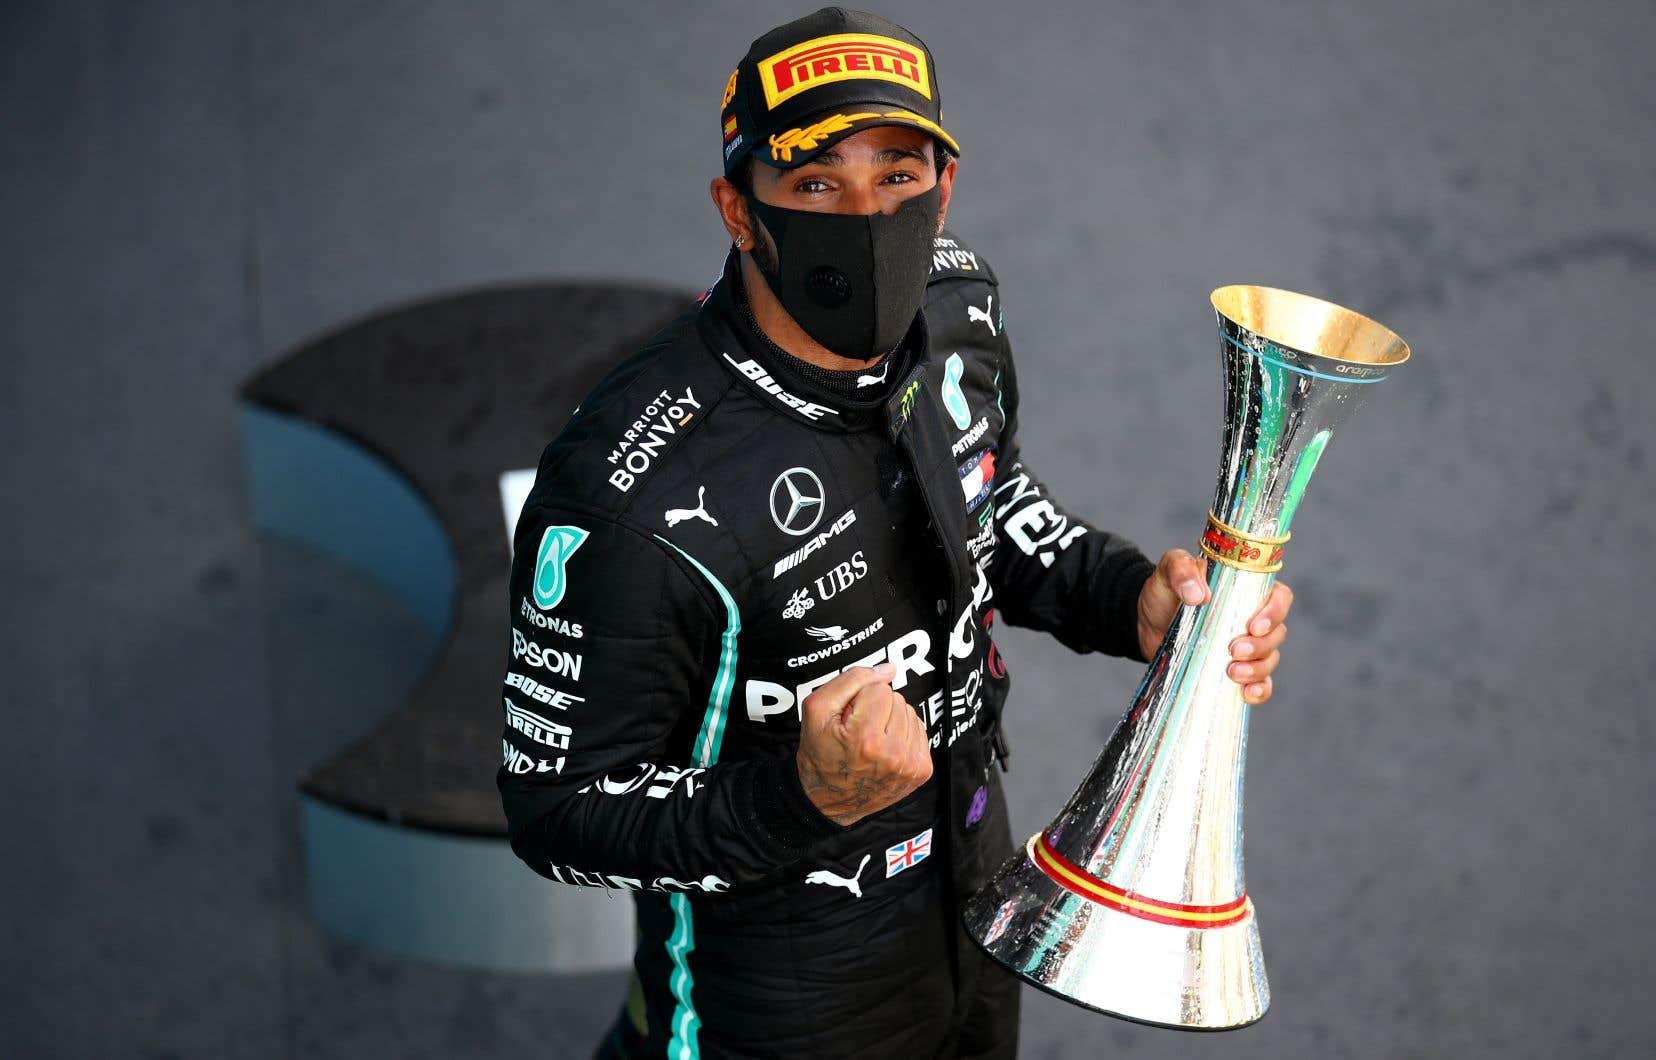 Le pilote britannique compte maintenant 88 victoires en Formule 1, à trois du détenteur du record, l'ancien pilote allemand Michael Schumacher.